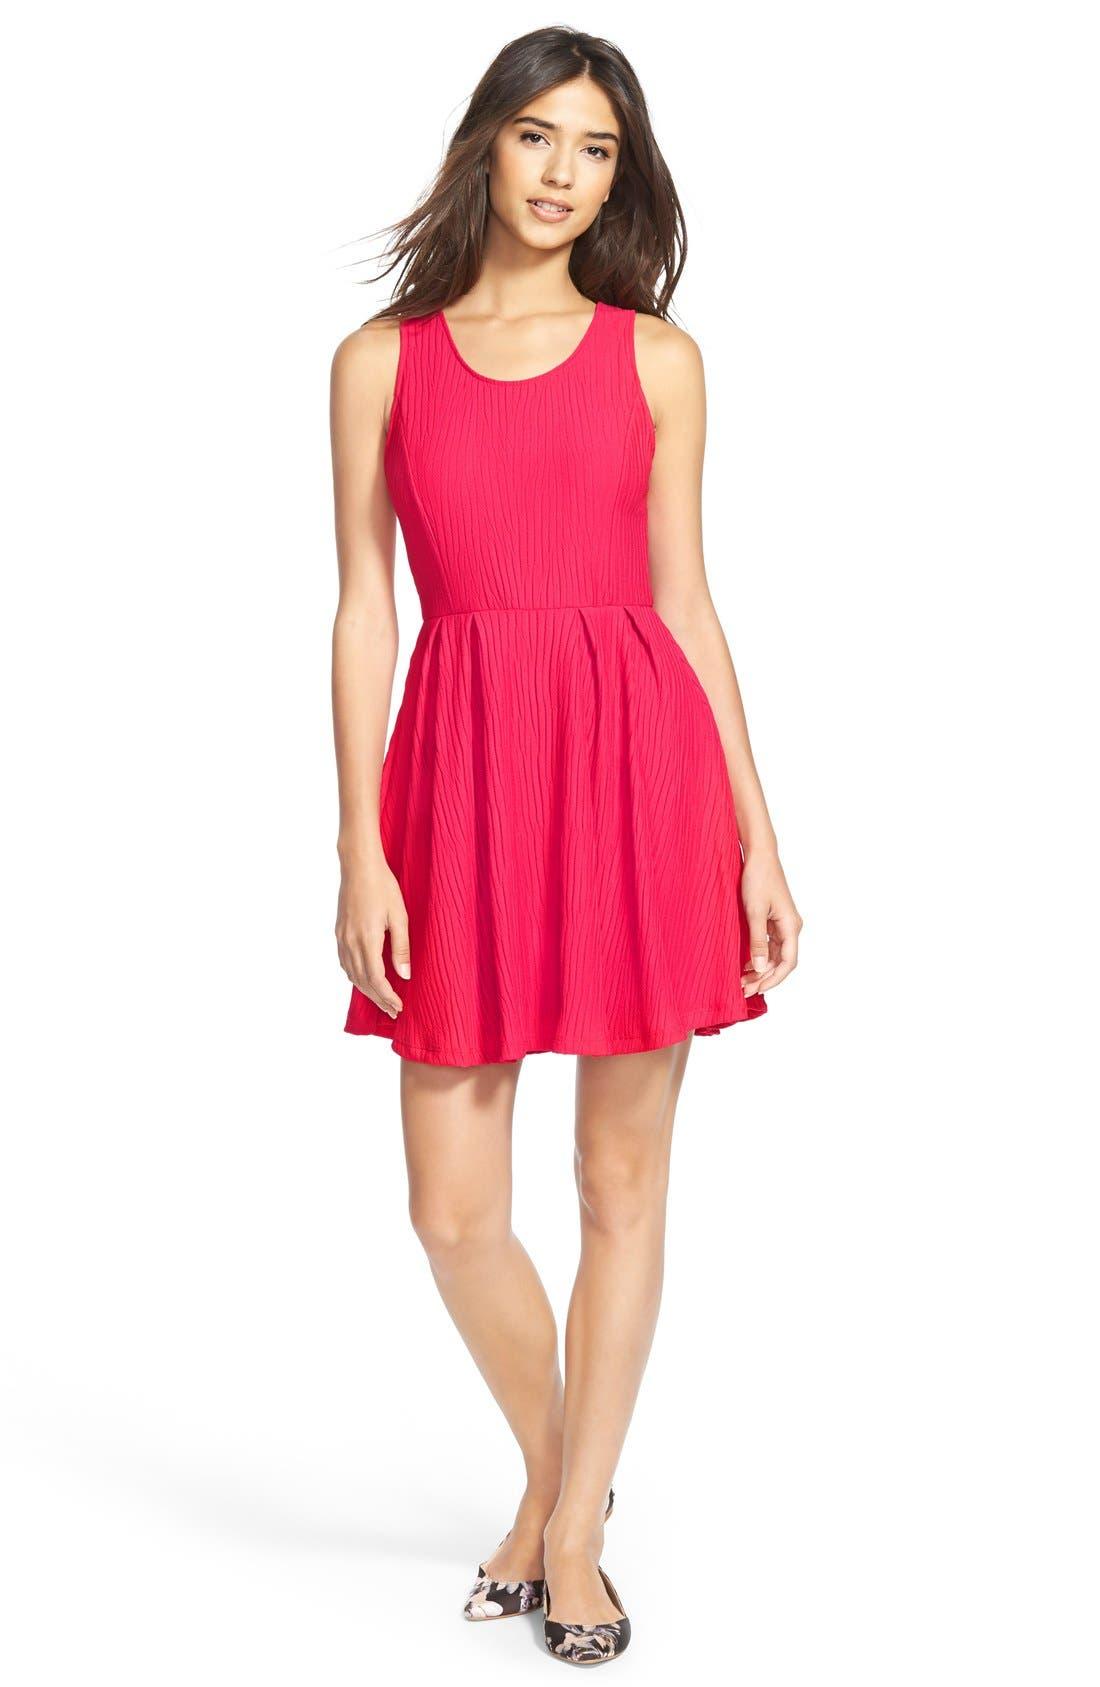 Alternate Image 1 Selected - Lush Knit Skater Dress